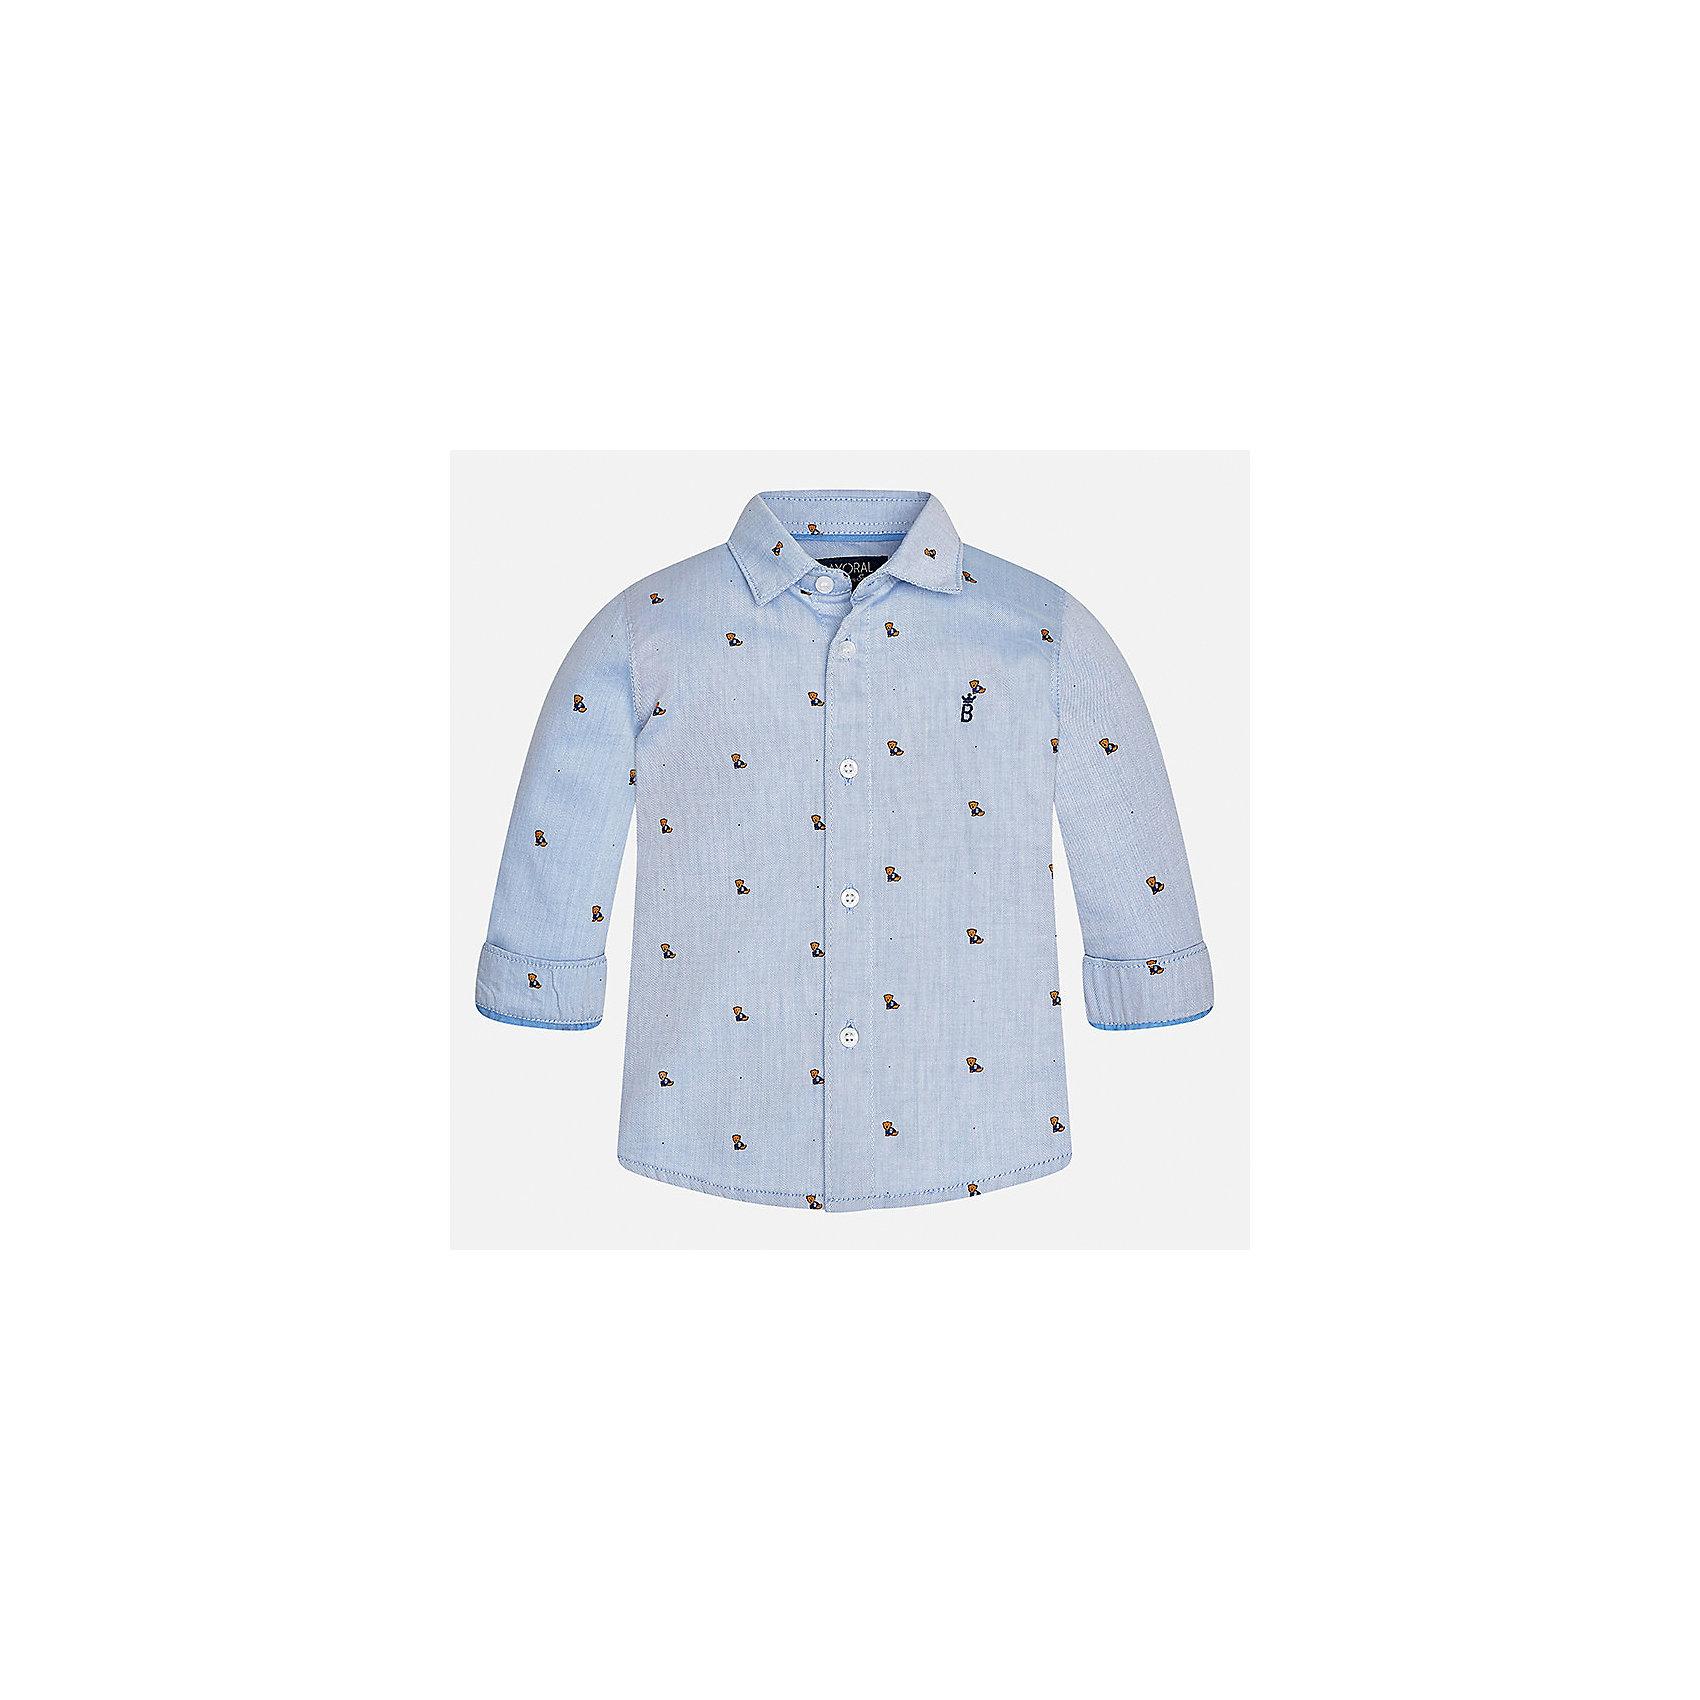 Рубашка Mayoral для мальчикаБлузки и рубашки<br>Характеристики товара:<br><br>• цвет: голубой<br>• состав ткани: 100% хлопок<br>• сезон: демисезон<br>• особенности модели: школьная<br>• застежка: пуговицы<br>• длинные рукава<br>• страна бренда: Испания<br>• страна изготовитель: Индия<br><br>Голубая рубашка с длинным рукавом для мальчика Mayoral удобно сидит по фигуре. Стильная детская рубашка сделана из натуральной хлопковой ткани. Отличный способ обеспечить ребенку комфорт и аккуратный внешний вид - надеть детскую рубашку от Mayoral. Детская рубашка с длинным рукавом сшита из приятного на ощупь материала. <br><br>Рубашку для мальчика Mayoral (Майорал) можно купить в нашем интернет-магазине.<br><br>Ширина мм: 174<br>Глубина мм: 10<br>Высота мм: 169<br>Вес г: 157<br>Цвет: голубой<br>Возраст от месяцев: 24<br>Возраст до месяцев: 36<br>Пол: Мужской<br>Возраст: Детский<br>Размер: 98,80,86,92<br>SKU: 6935060